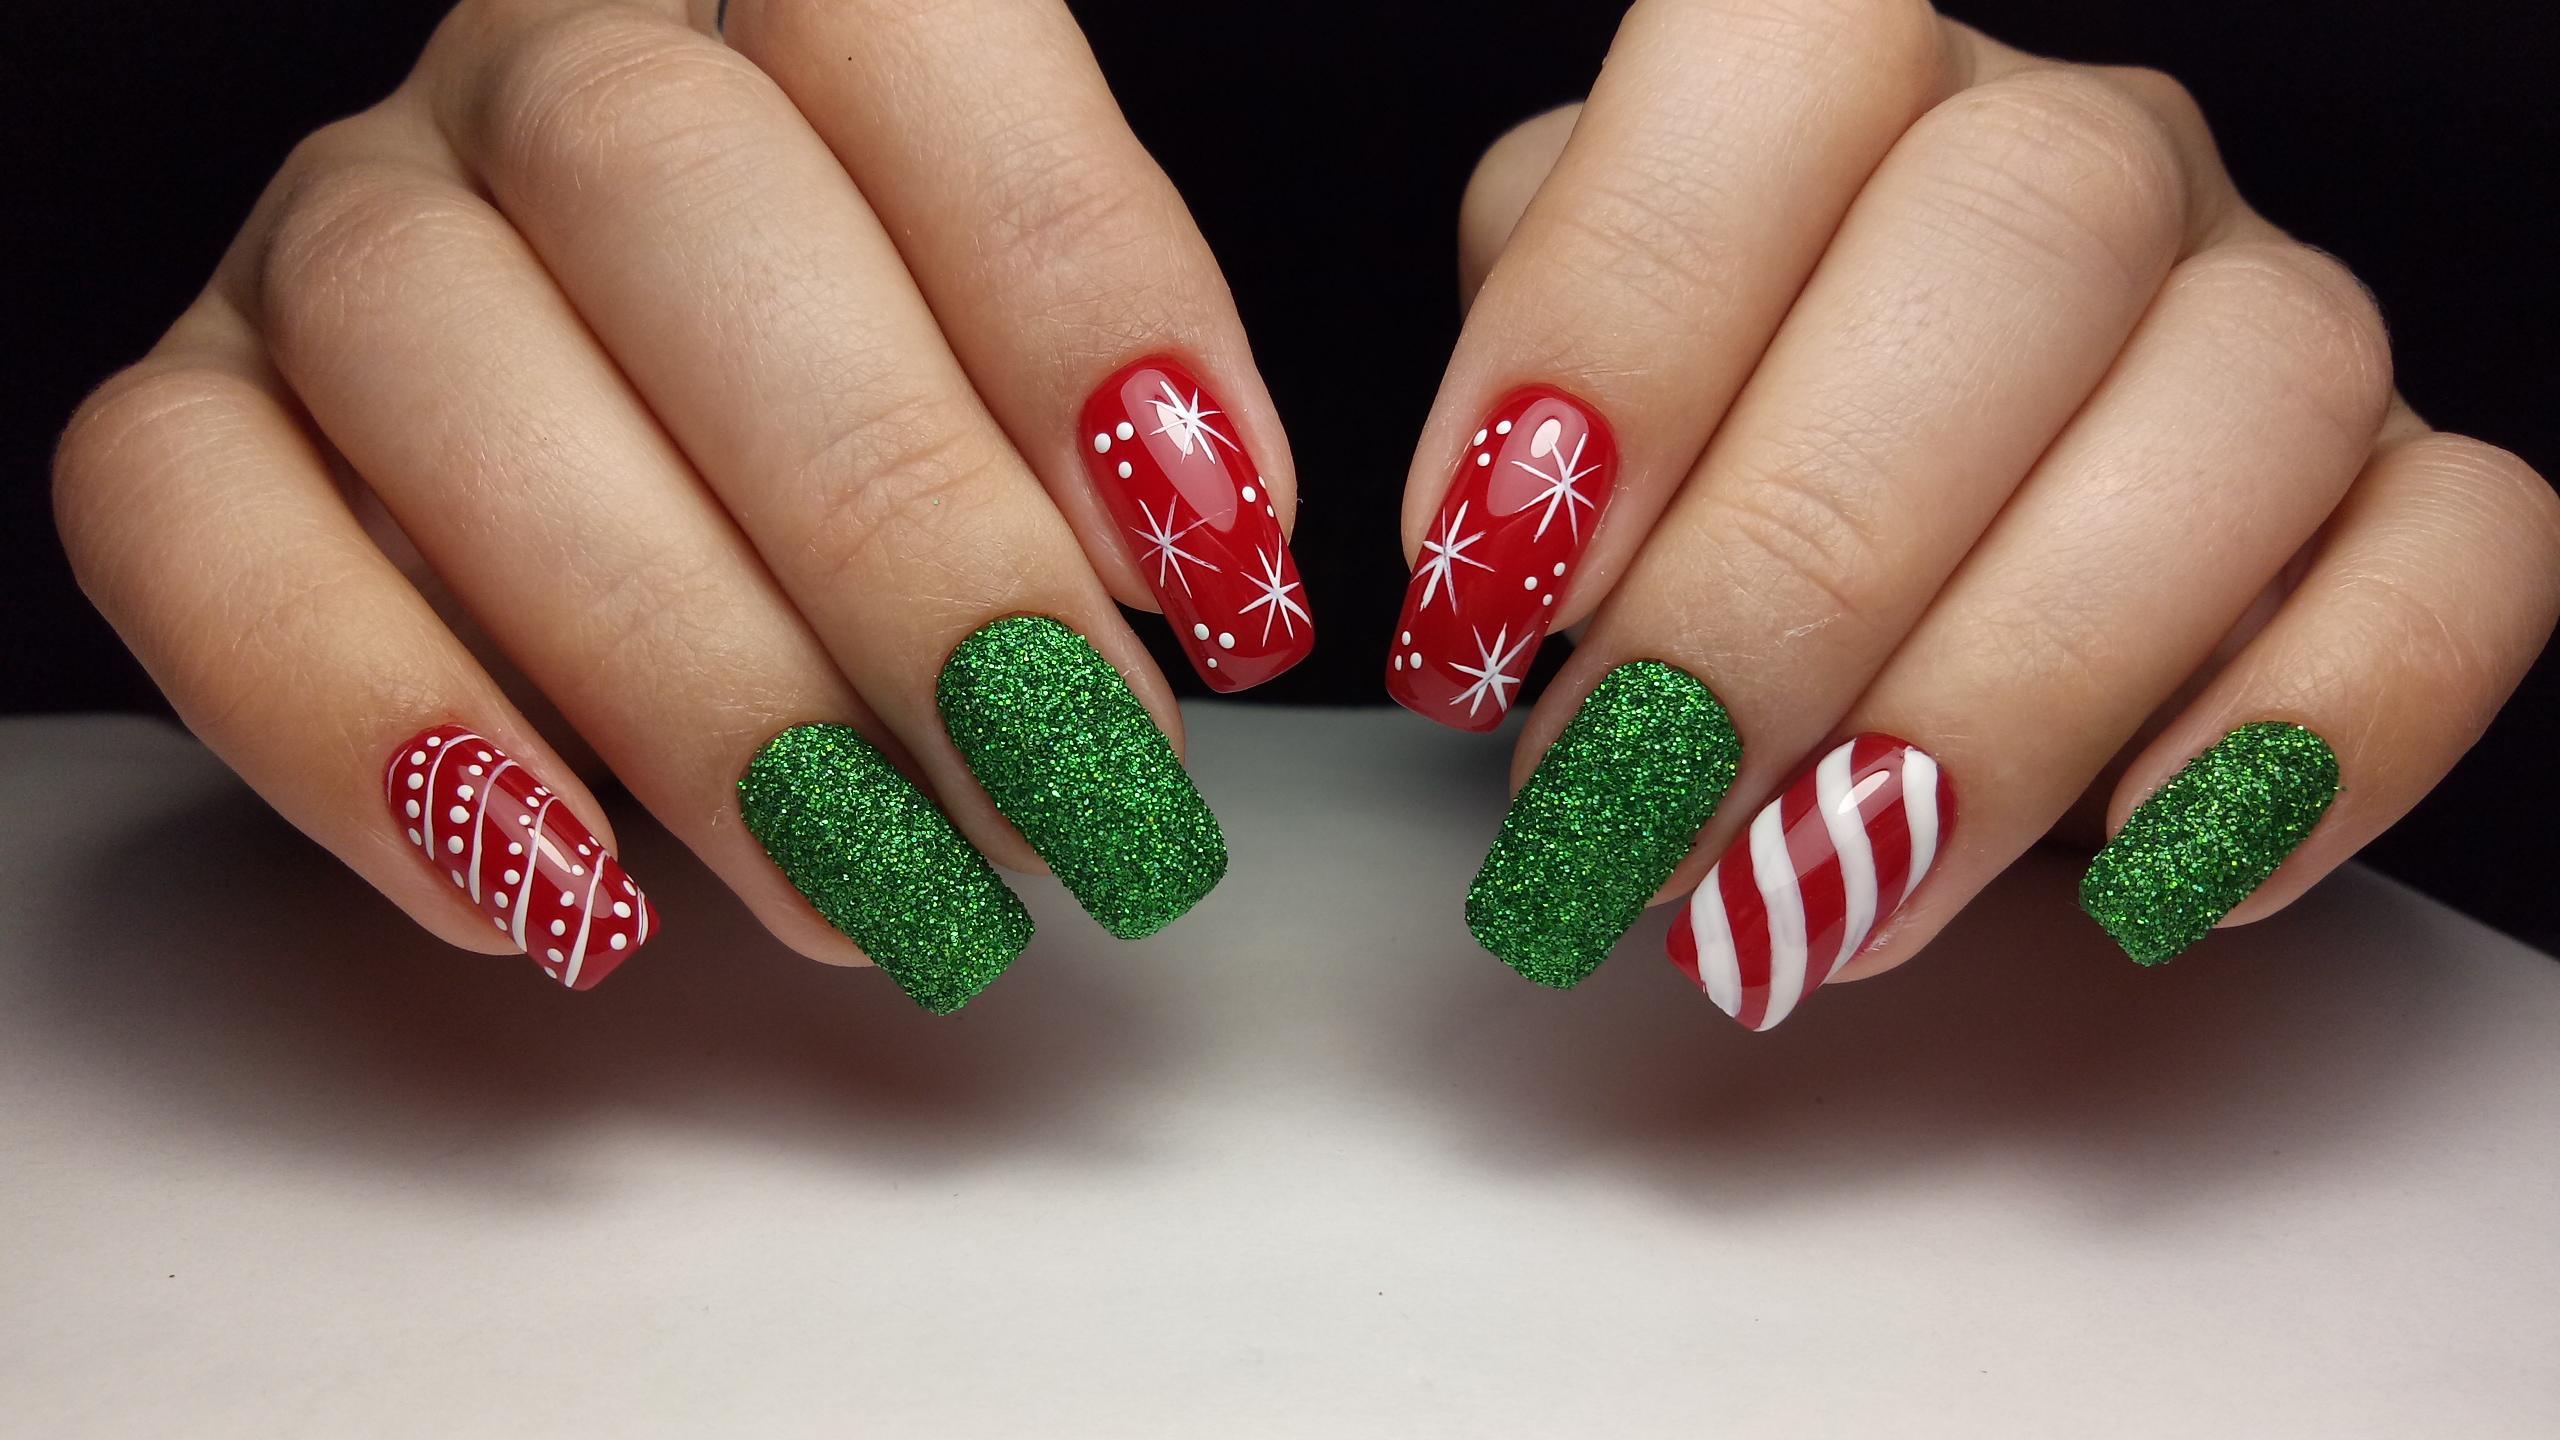 Маникюр в красном цвете с новогодними рисунками и зелёным блестящим песком.